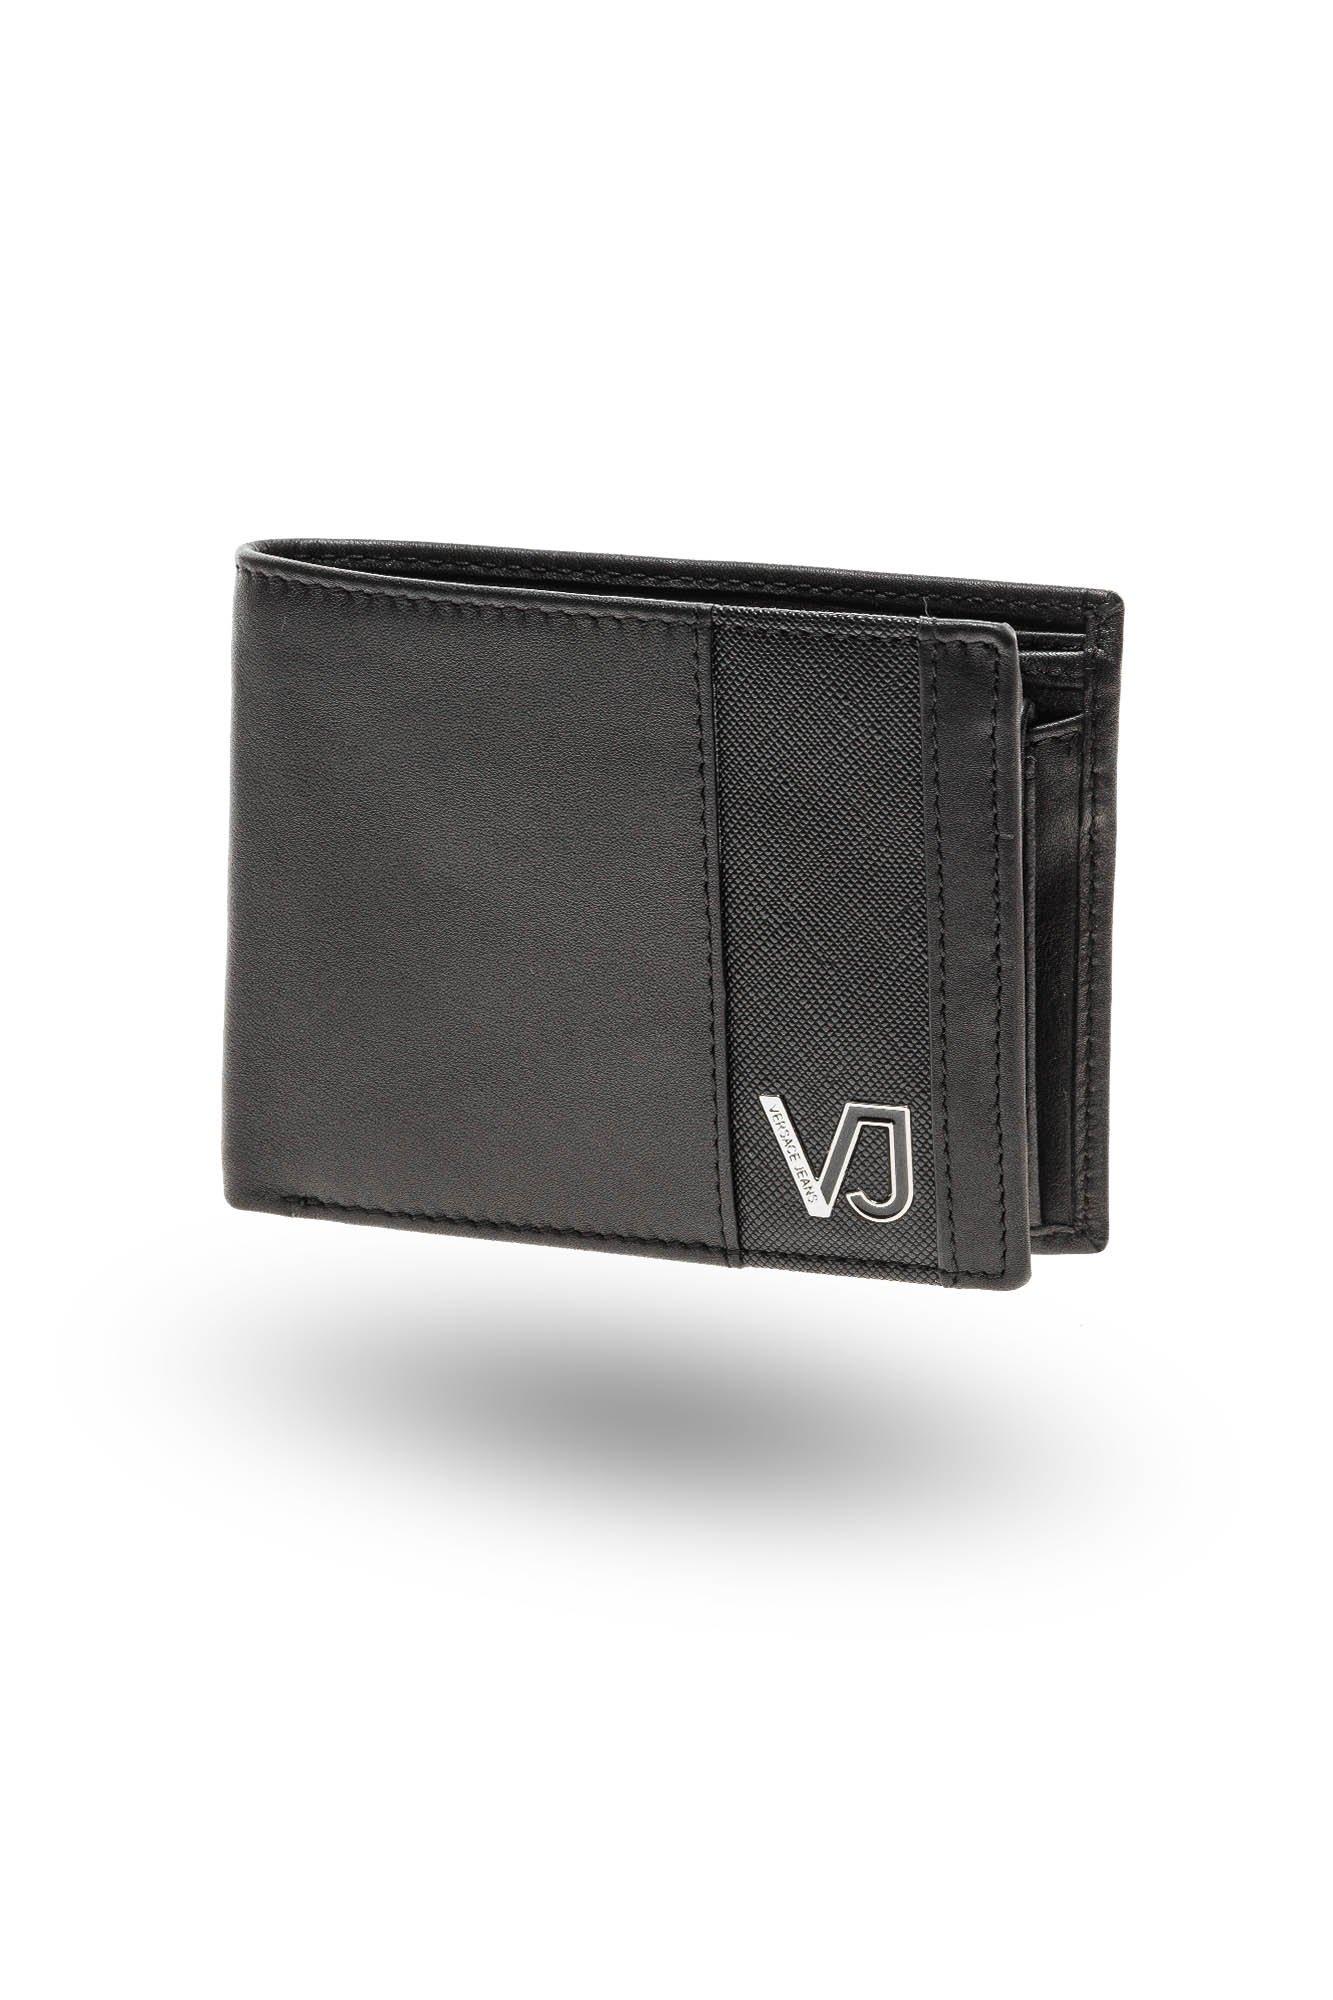 61441a49556cc ... Czarny portfel męski Versace Jeans z emblematem i aplikacją ...